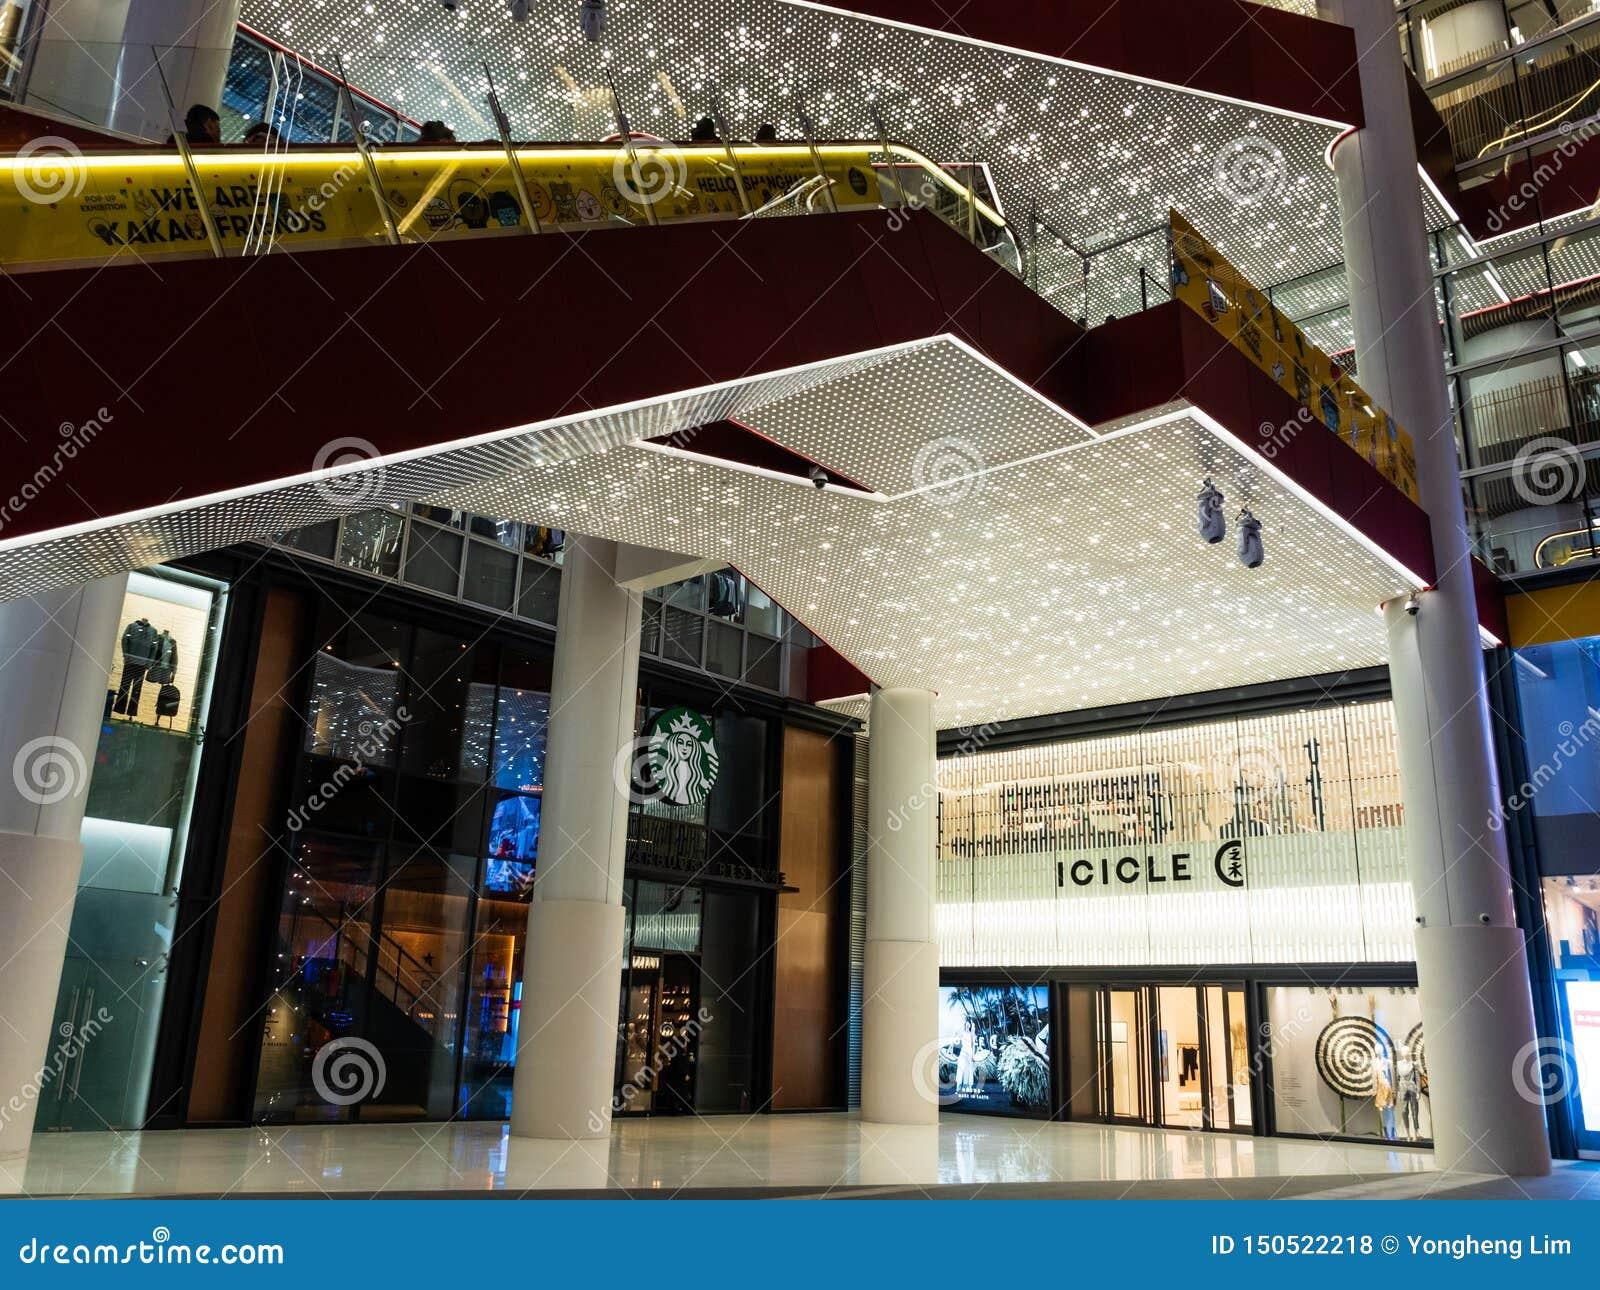 CHANGHAÏ, CHINE - 12 MARS 2019 - tir d angle faible de l extérieur de centre commercial de HKR Taikoo Hui à Nanjing Dong Lu, Chan